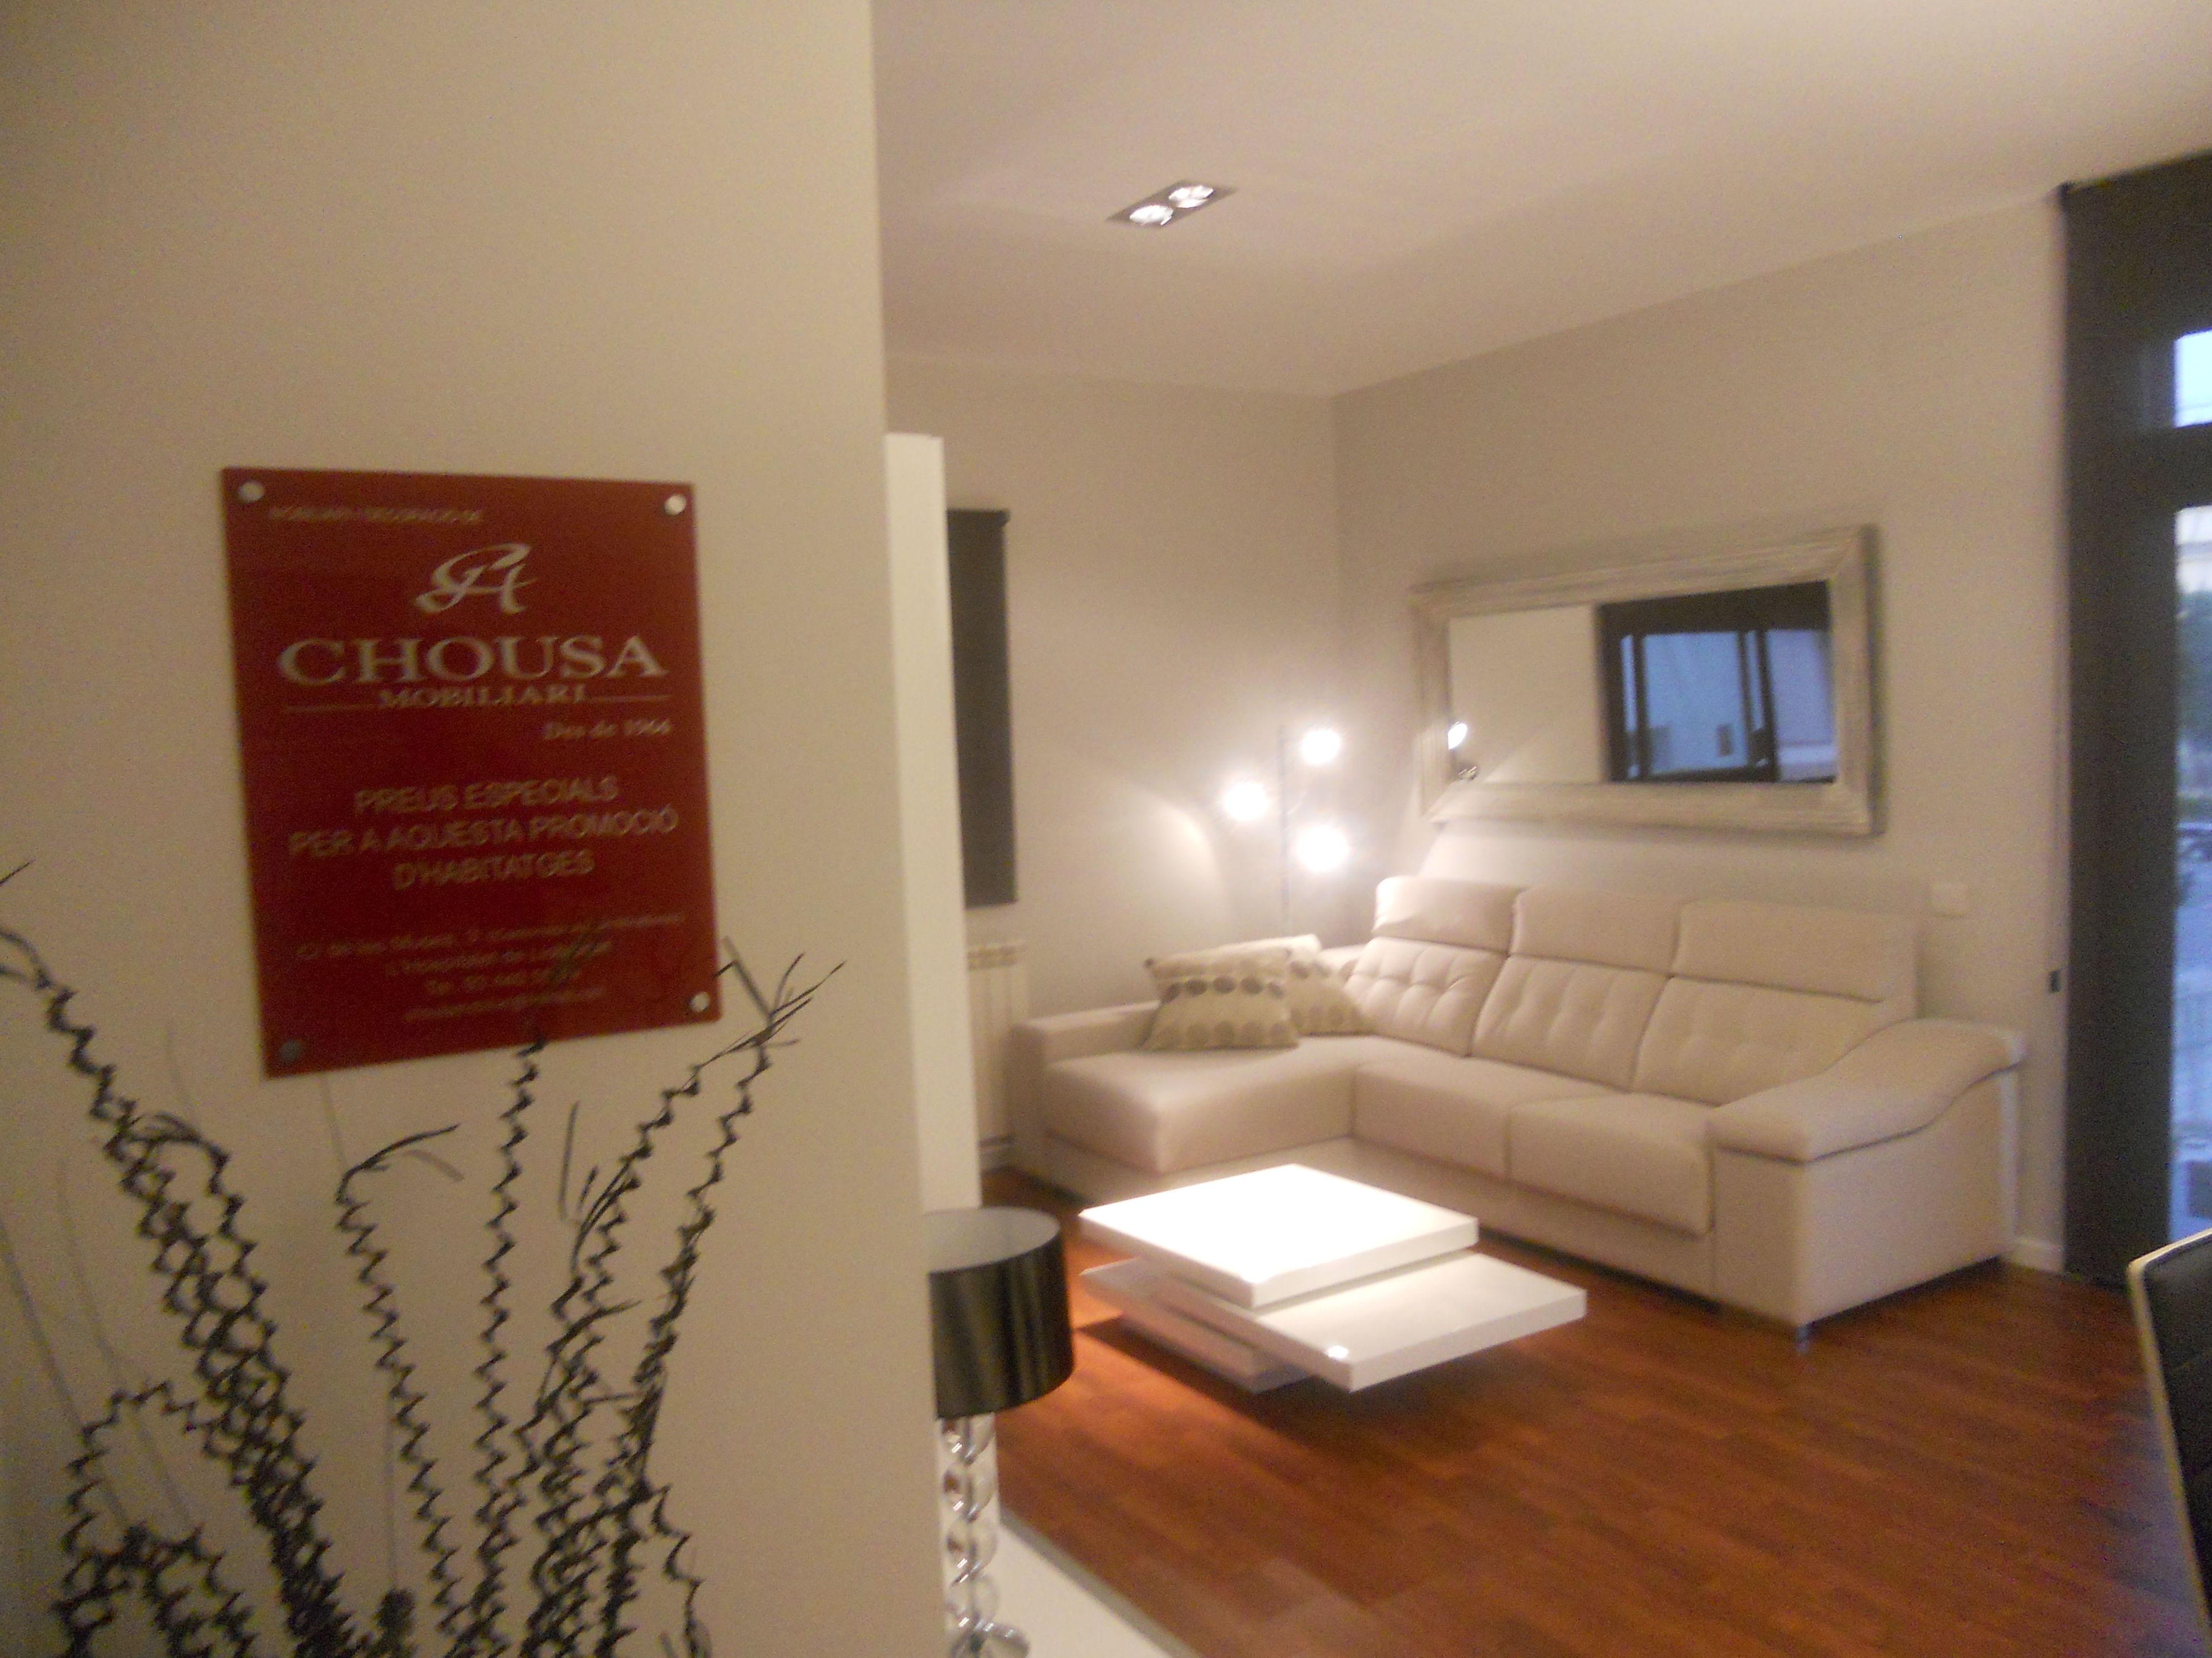 Foto 3 de Tienda de muebles en L'Hospitalet de Llobregat | Chousa